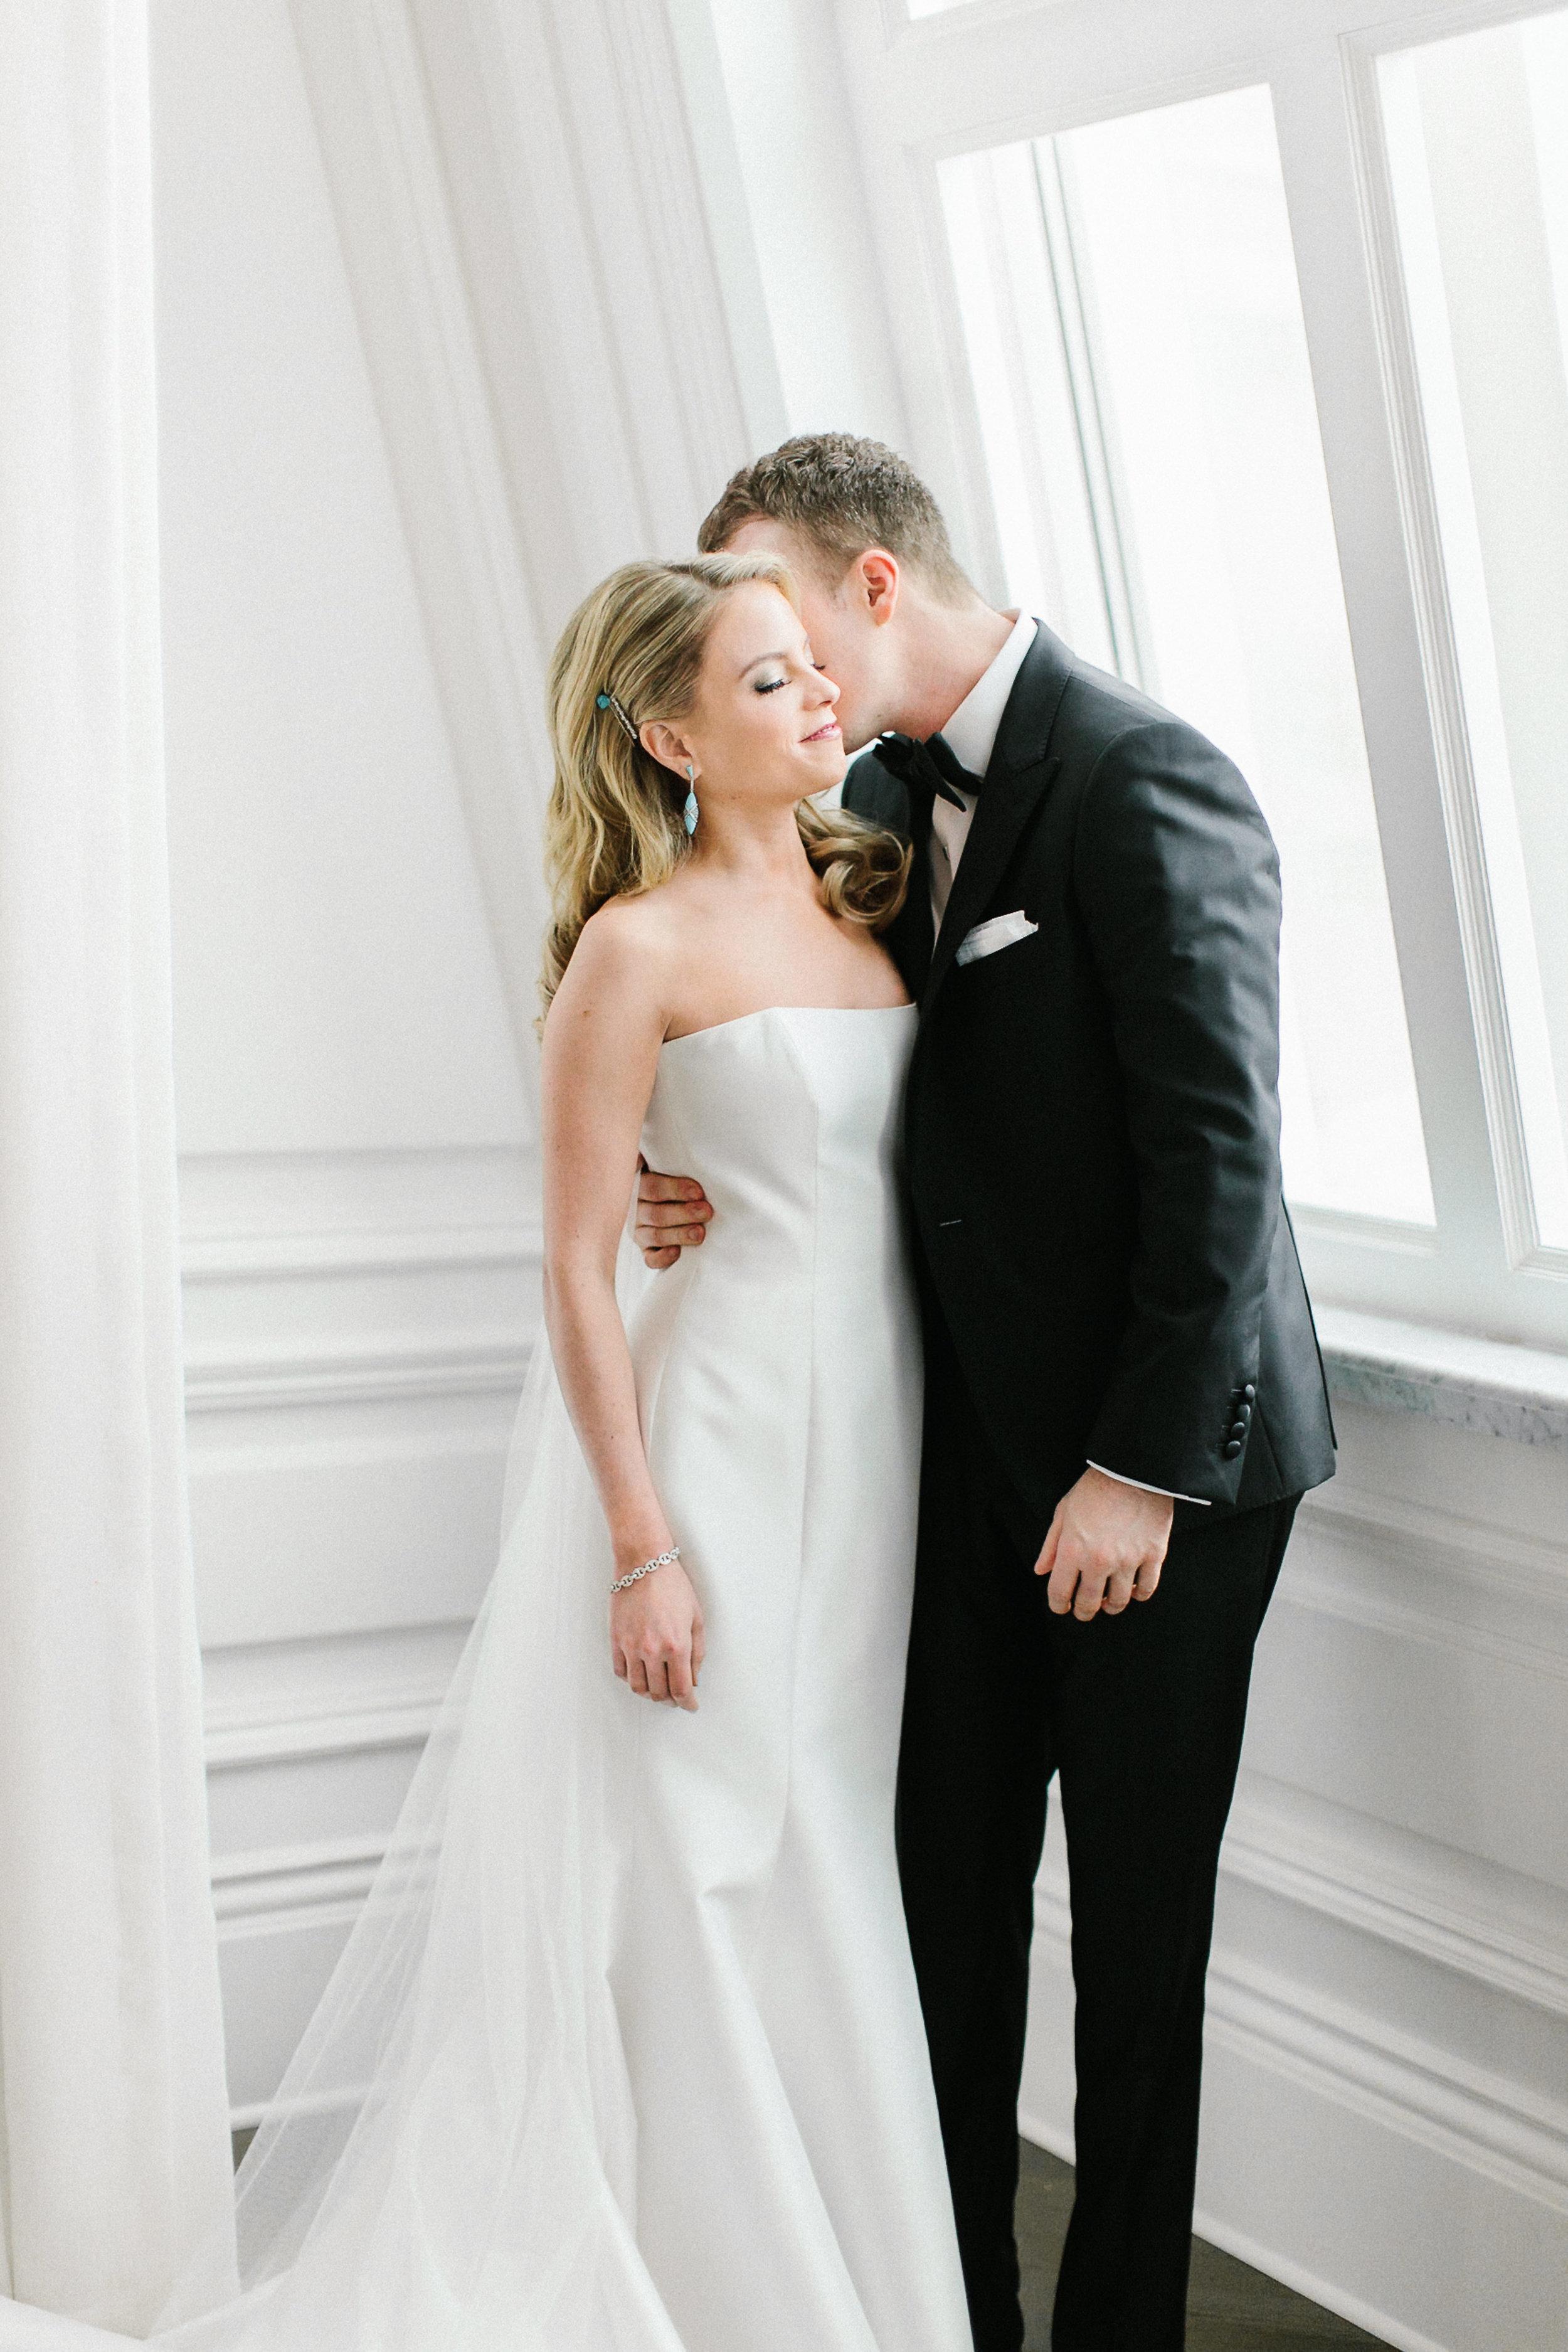 Portraits - Adolphus Wedding - Dallas Wedding Planner - Allday Events - 30.jpg